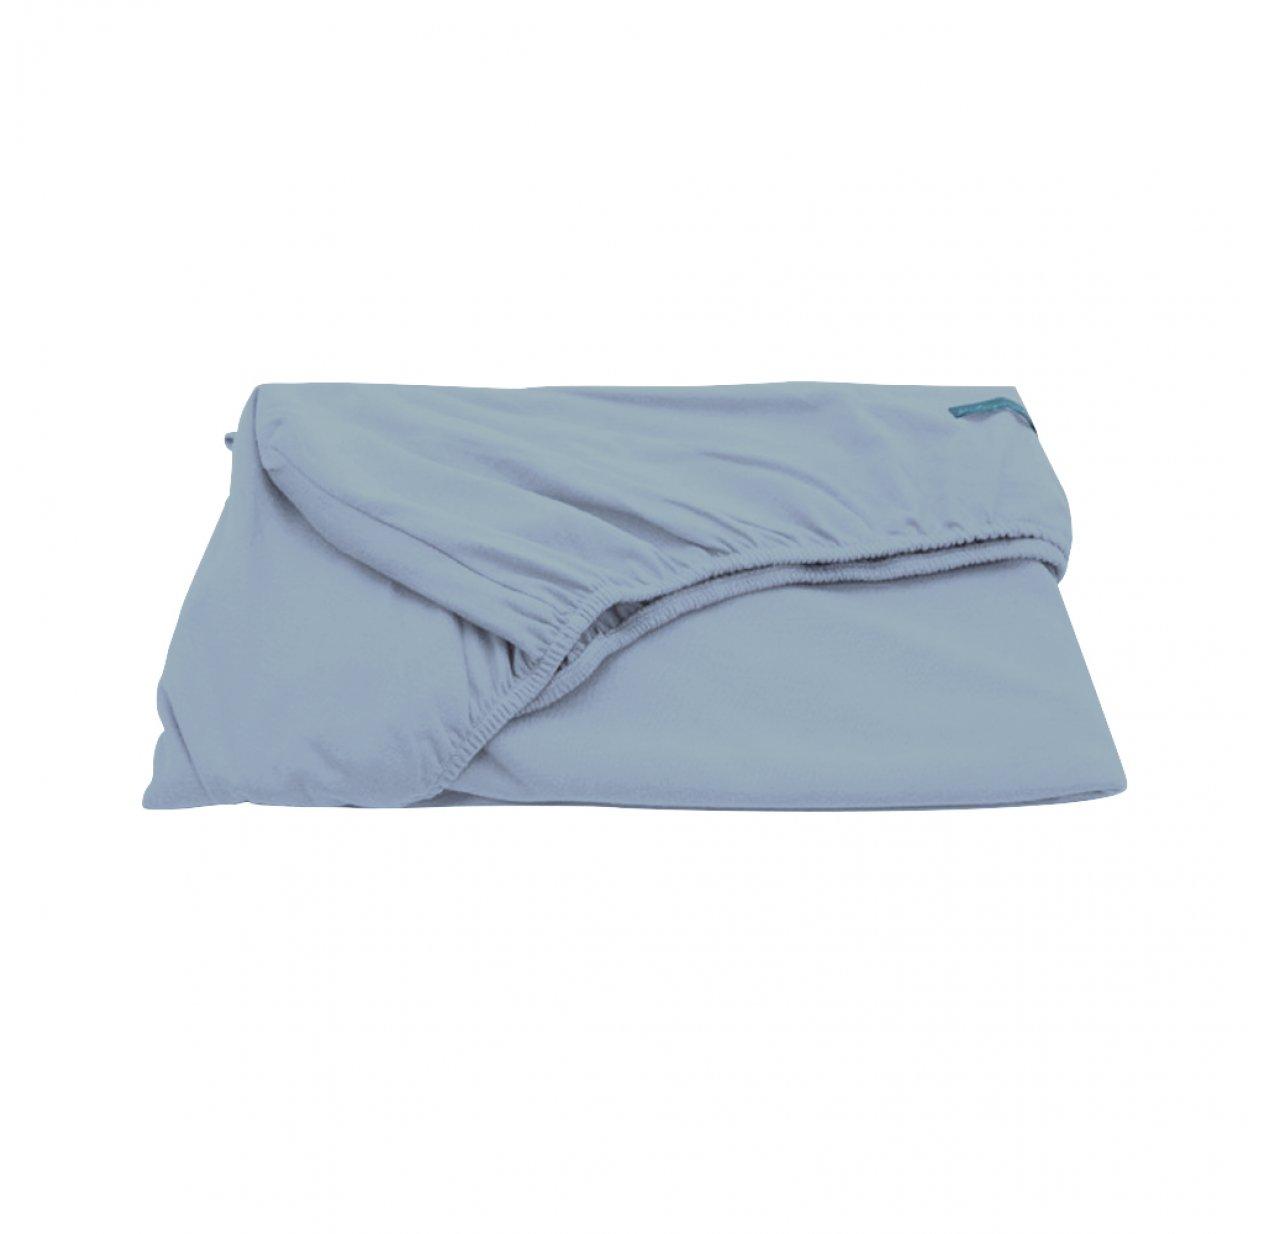 drap housse 70x140 bleu clair jack n 39 a qu 39 un oeil pour chambre enfant les enfants du design. Black Bedroom Furniture Sets. Home Design Ideas